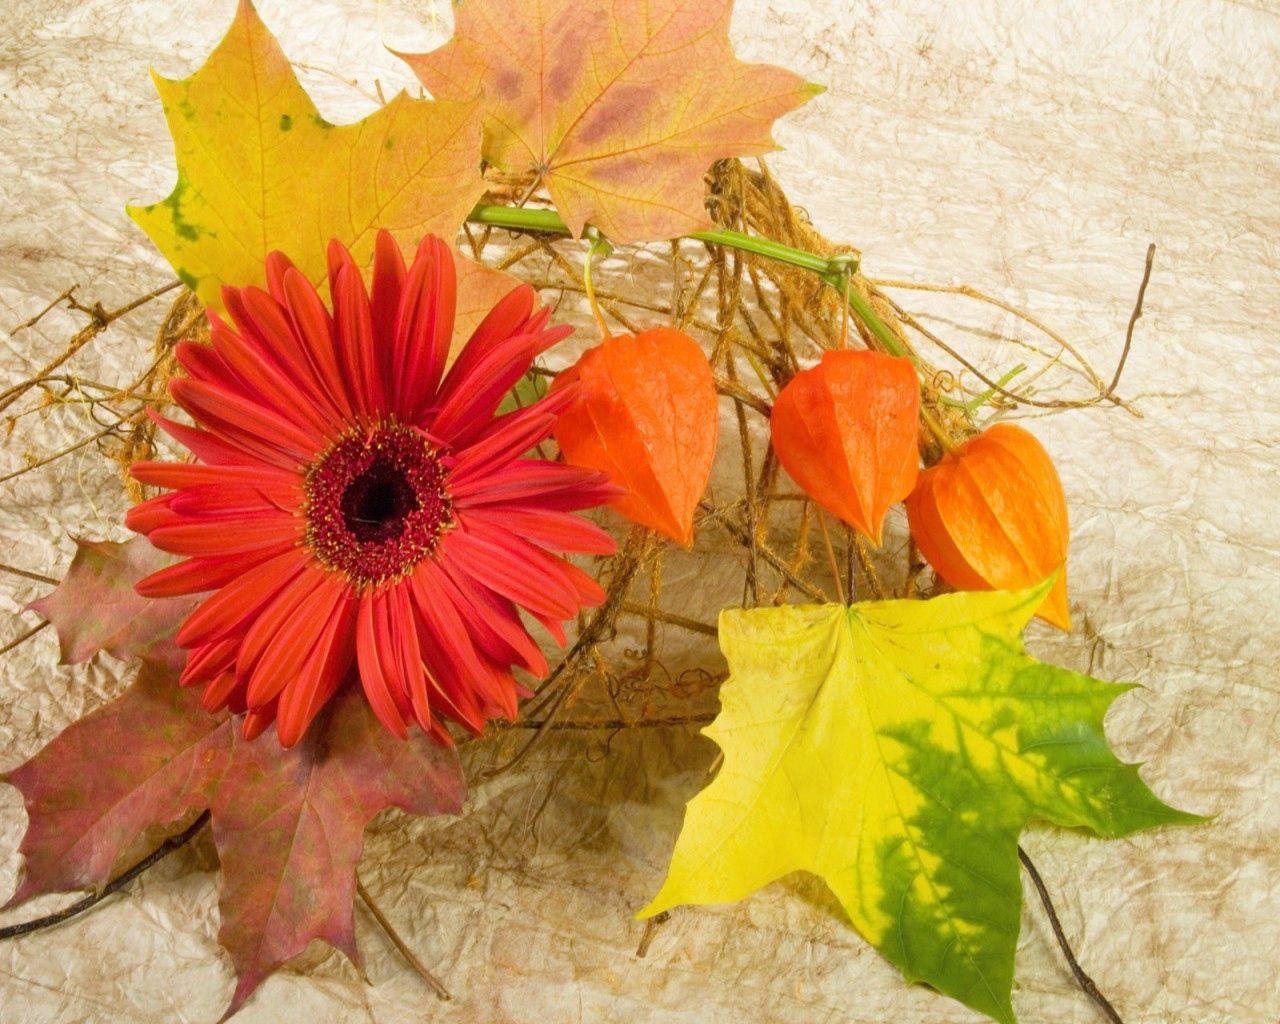 106005 скачать обои Цветы, Гербера, Физалис, Листья, Кленовые, Осень, Композиция - заставки и картинки бесплатно